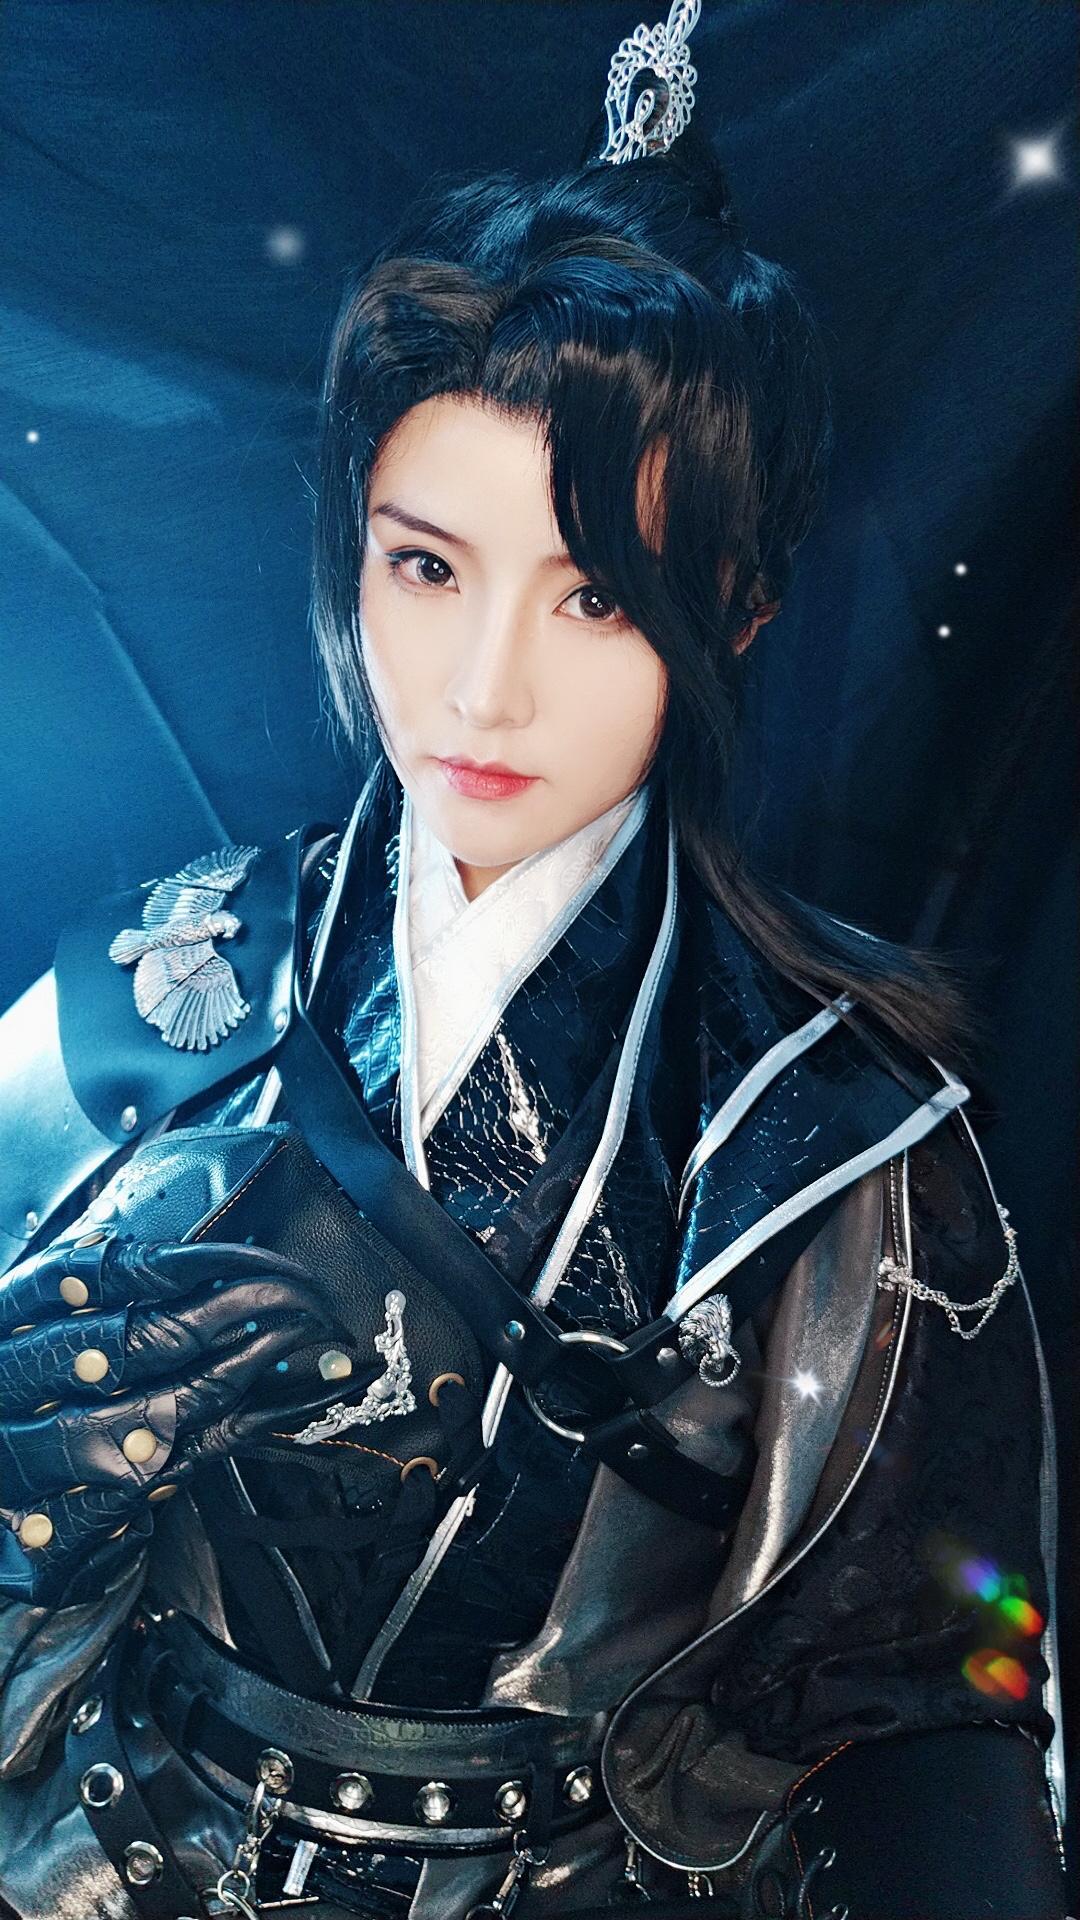 《杀破狼》半次元cosplay【CN:月烈奇麟】-第1张